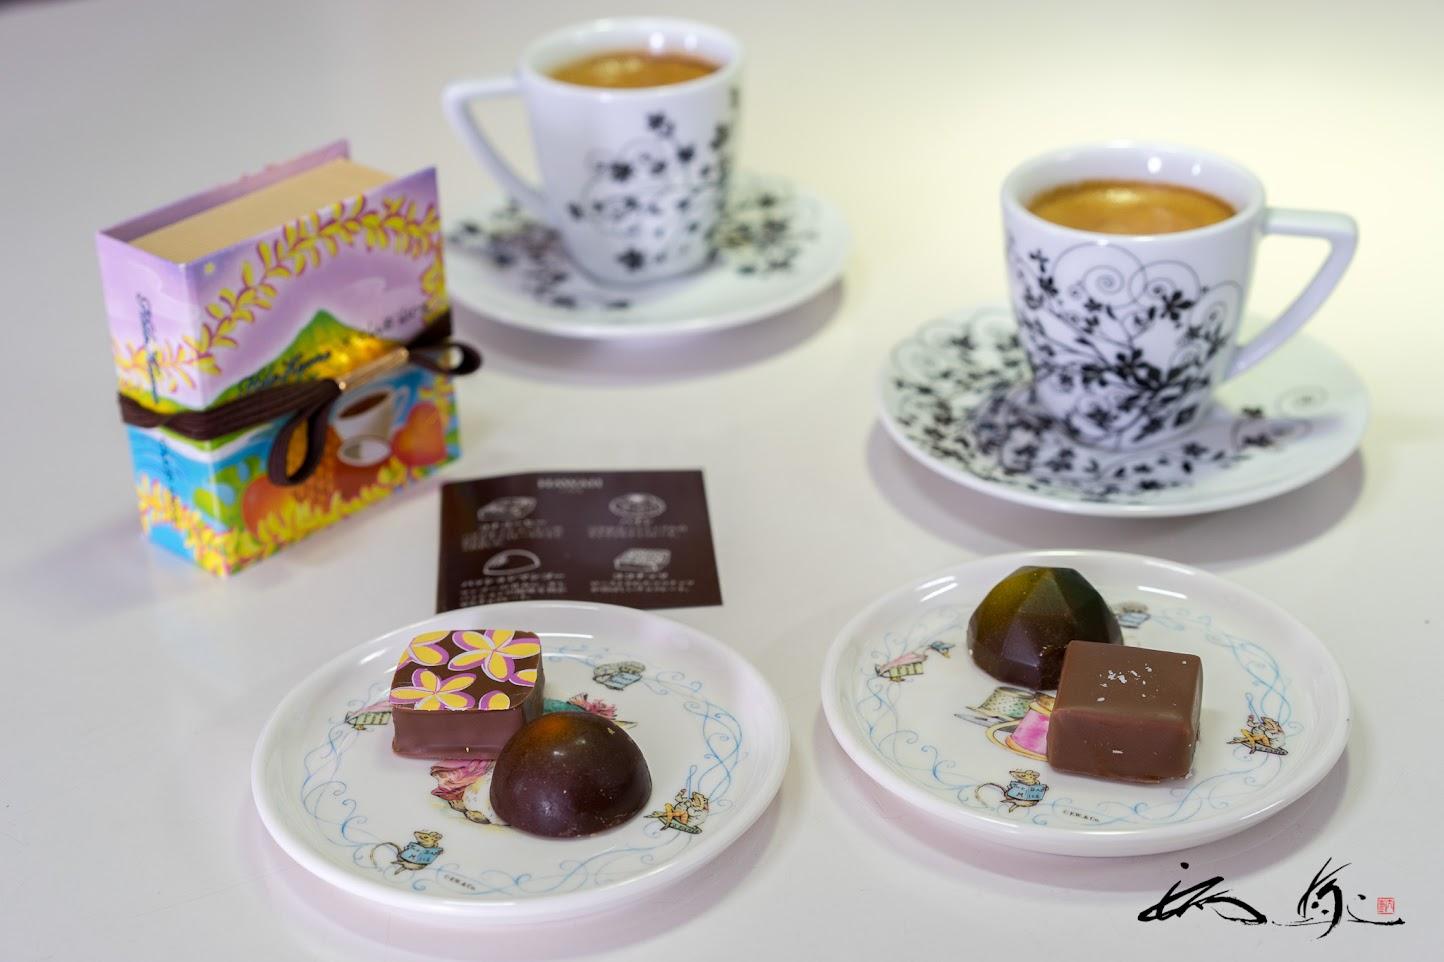 ハワイの風香るクラブハリエのチョコレート